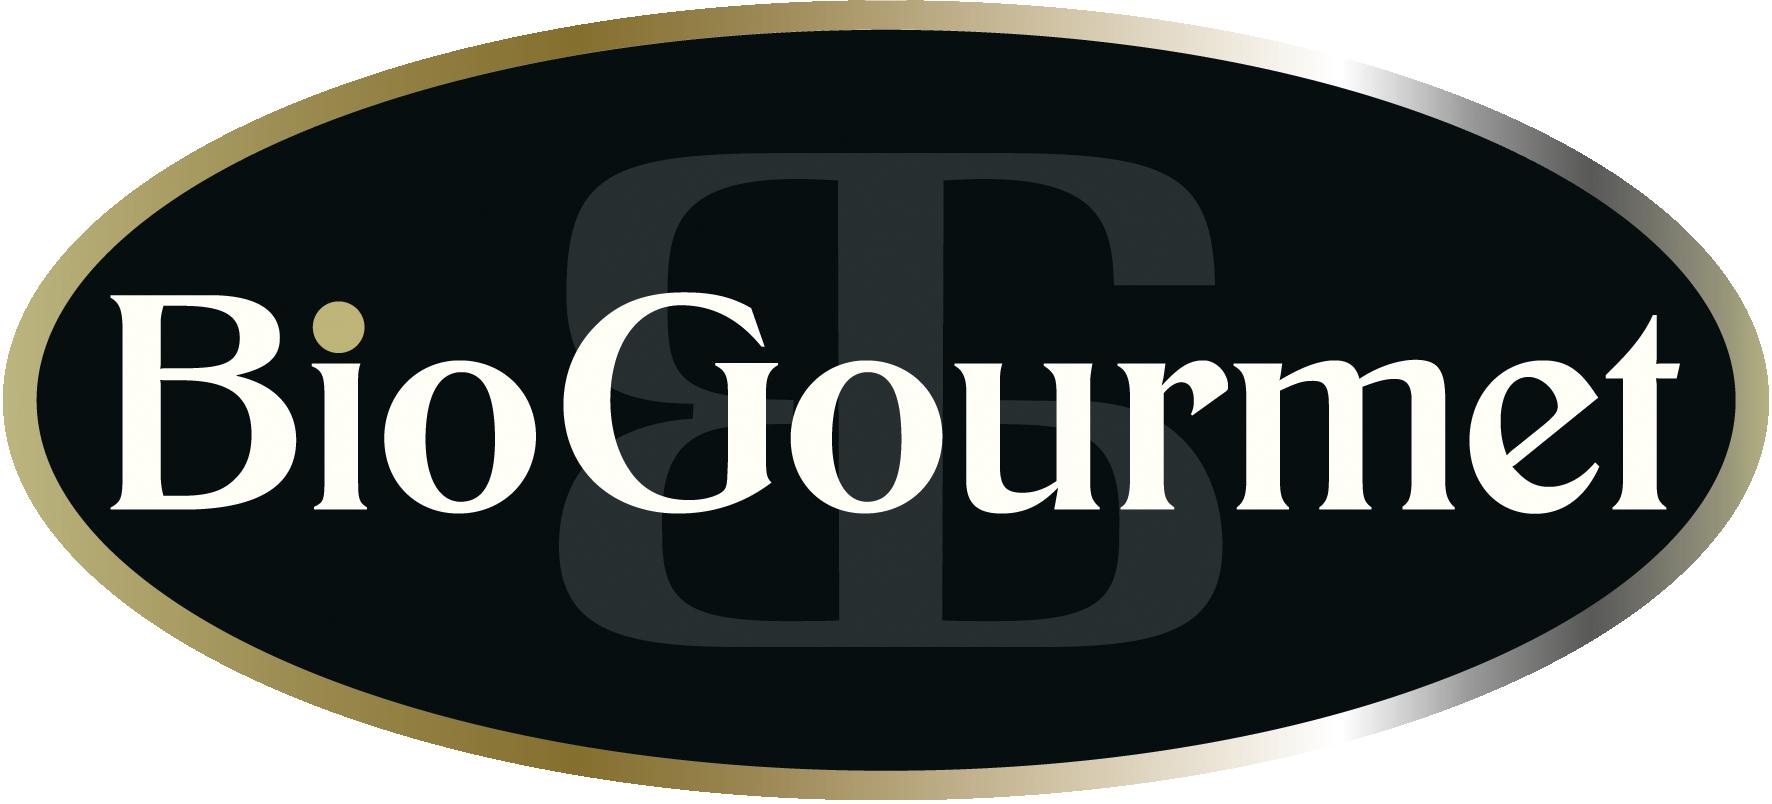 BioGourmet.png